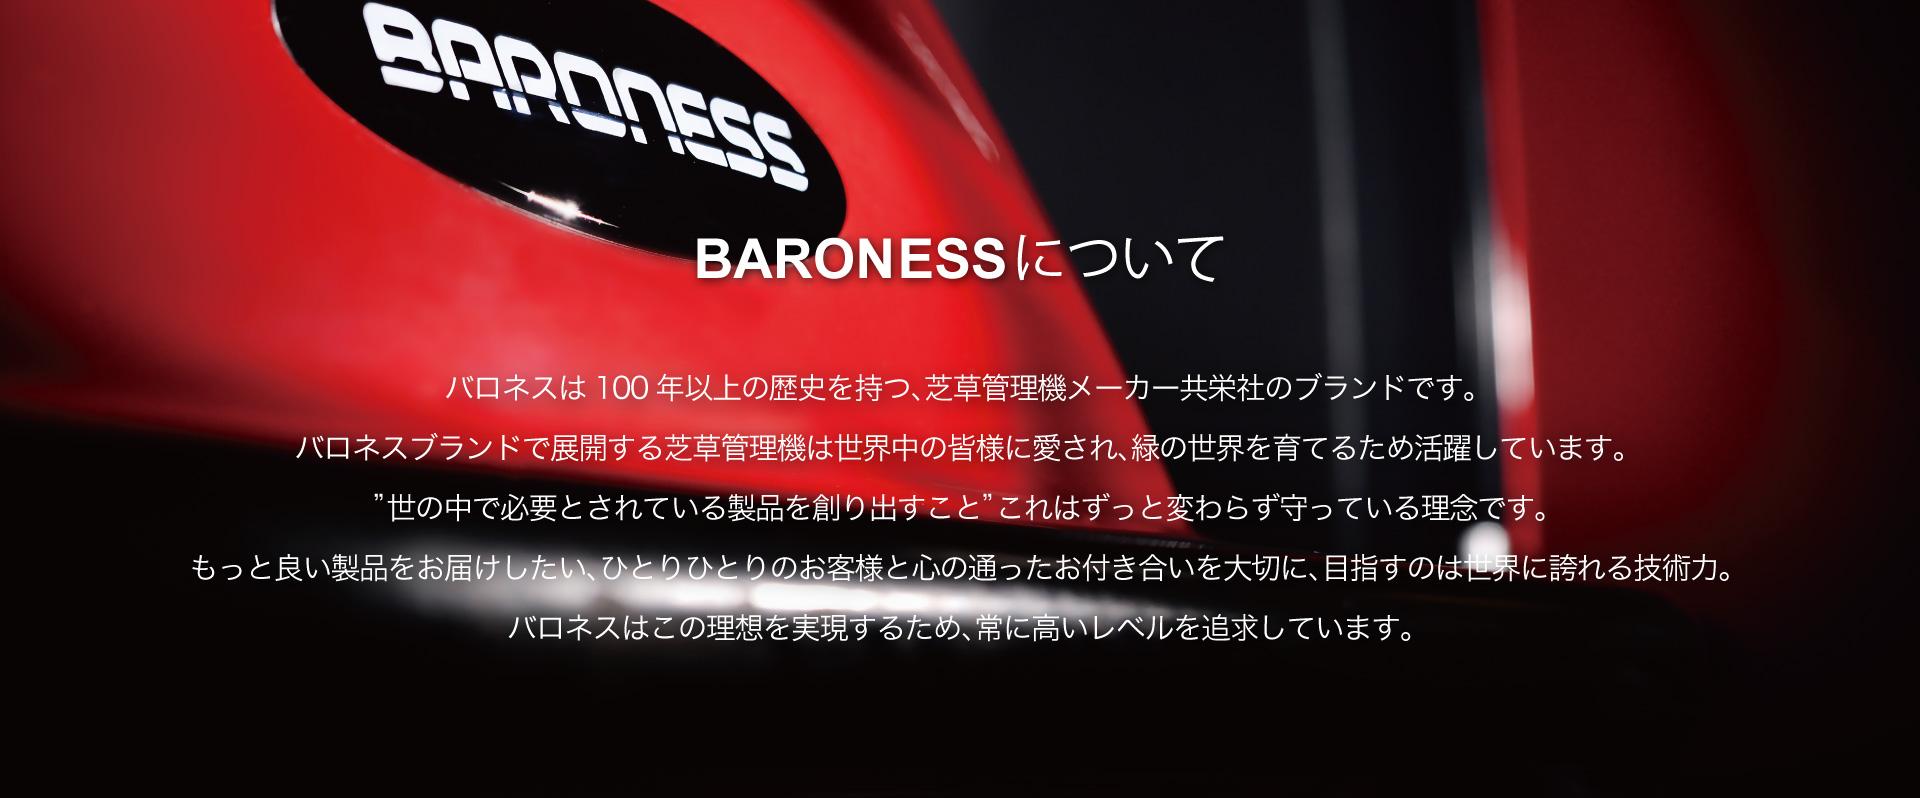 バロネスについて バロネスは100年以上の歴史を持つ、芝草雁来メーカー共栄社のブランドです